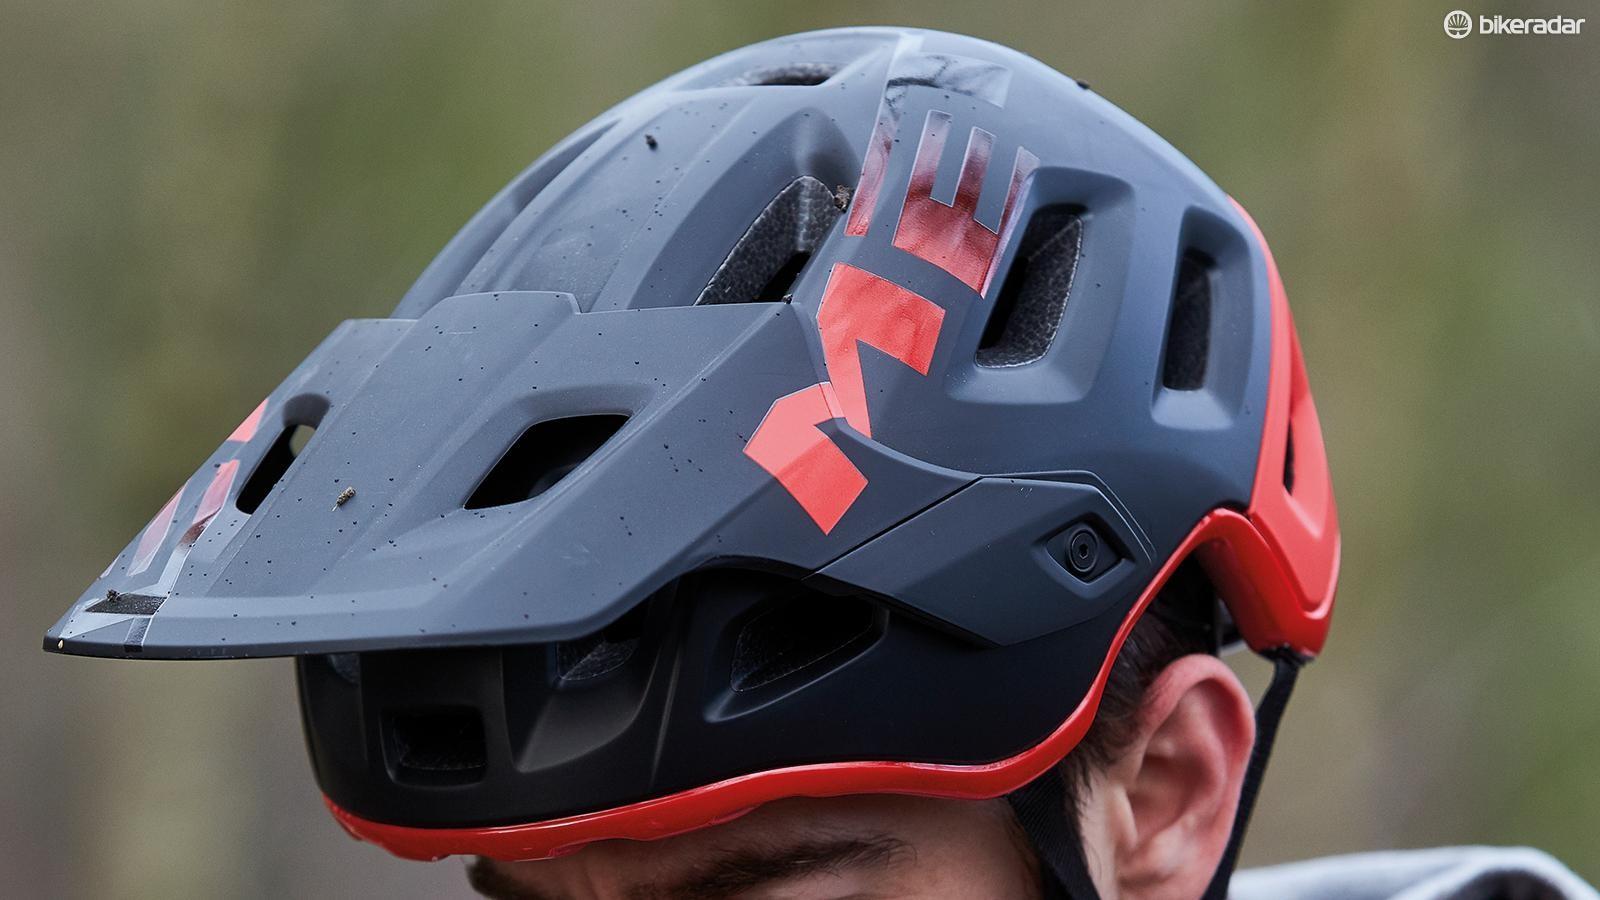 MET's Roam helmet